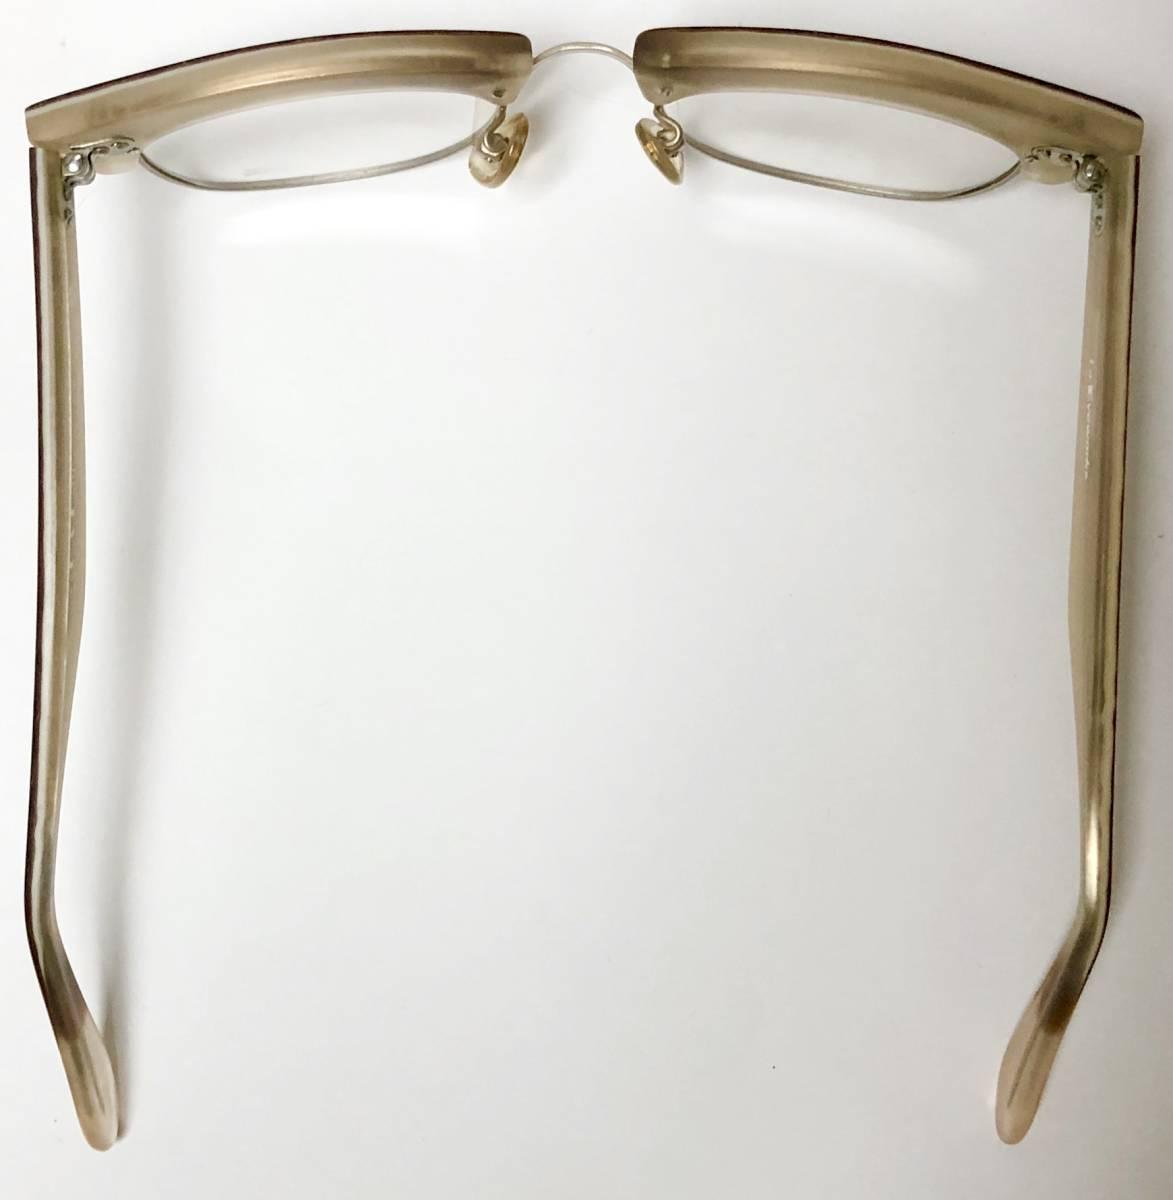 【ビンテージ・新品】1990年代 l.a. Eyeworks イタリア製 高級メガネ エルエーアイワークス ギガンター /ヴィンテージ 米国ブランド_画像8